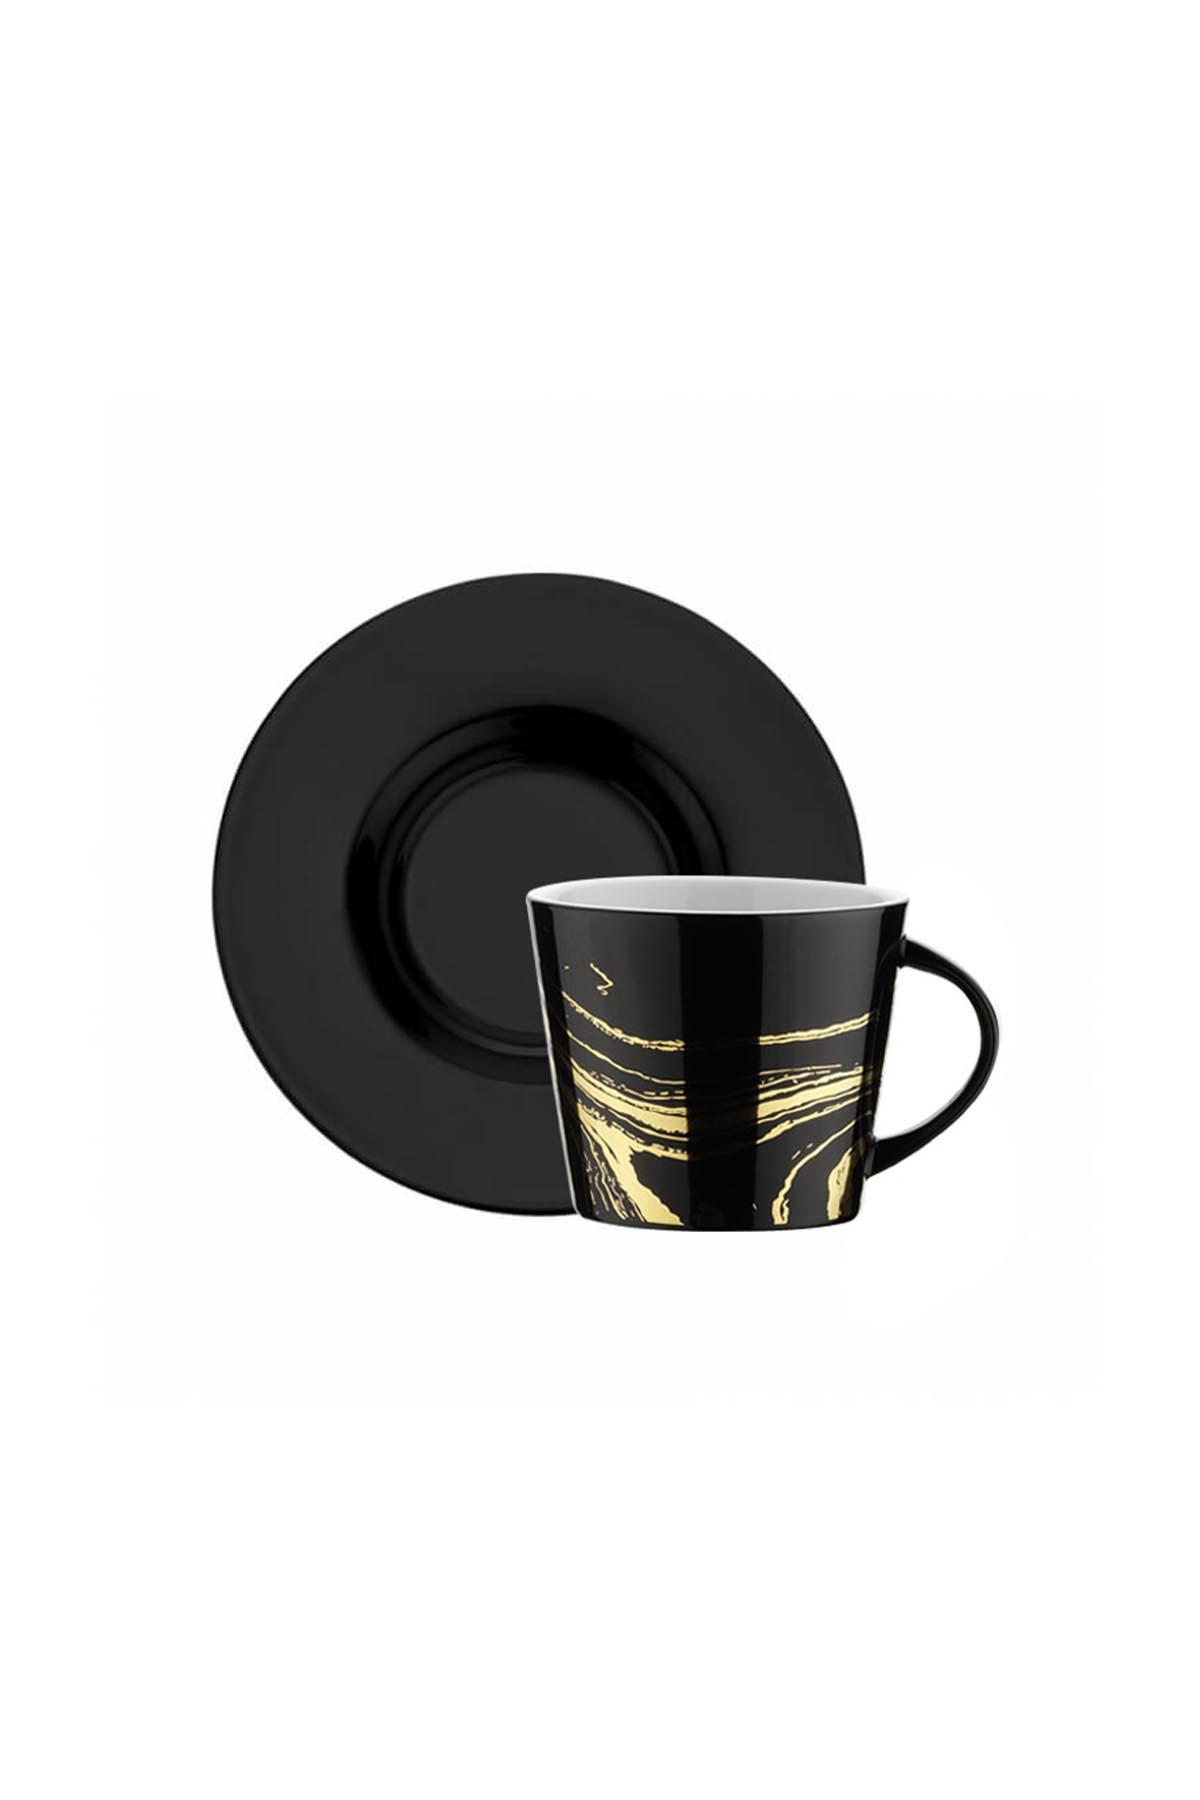 Design Studio - Kütahya Porselen Design Studio 10101 Desen Çay Takımı